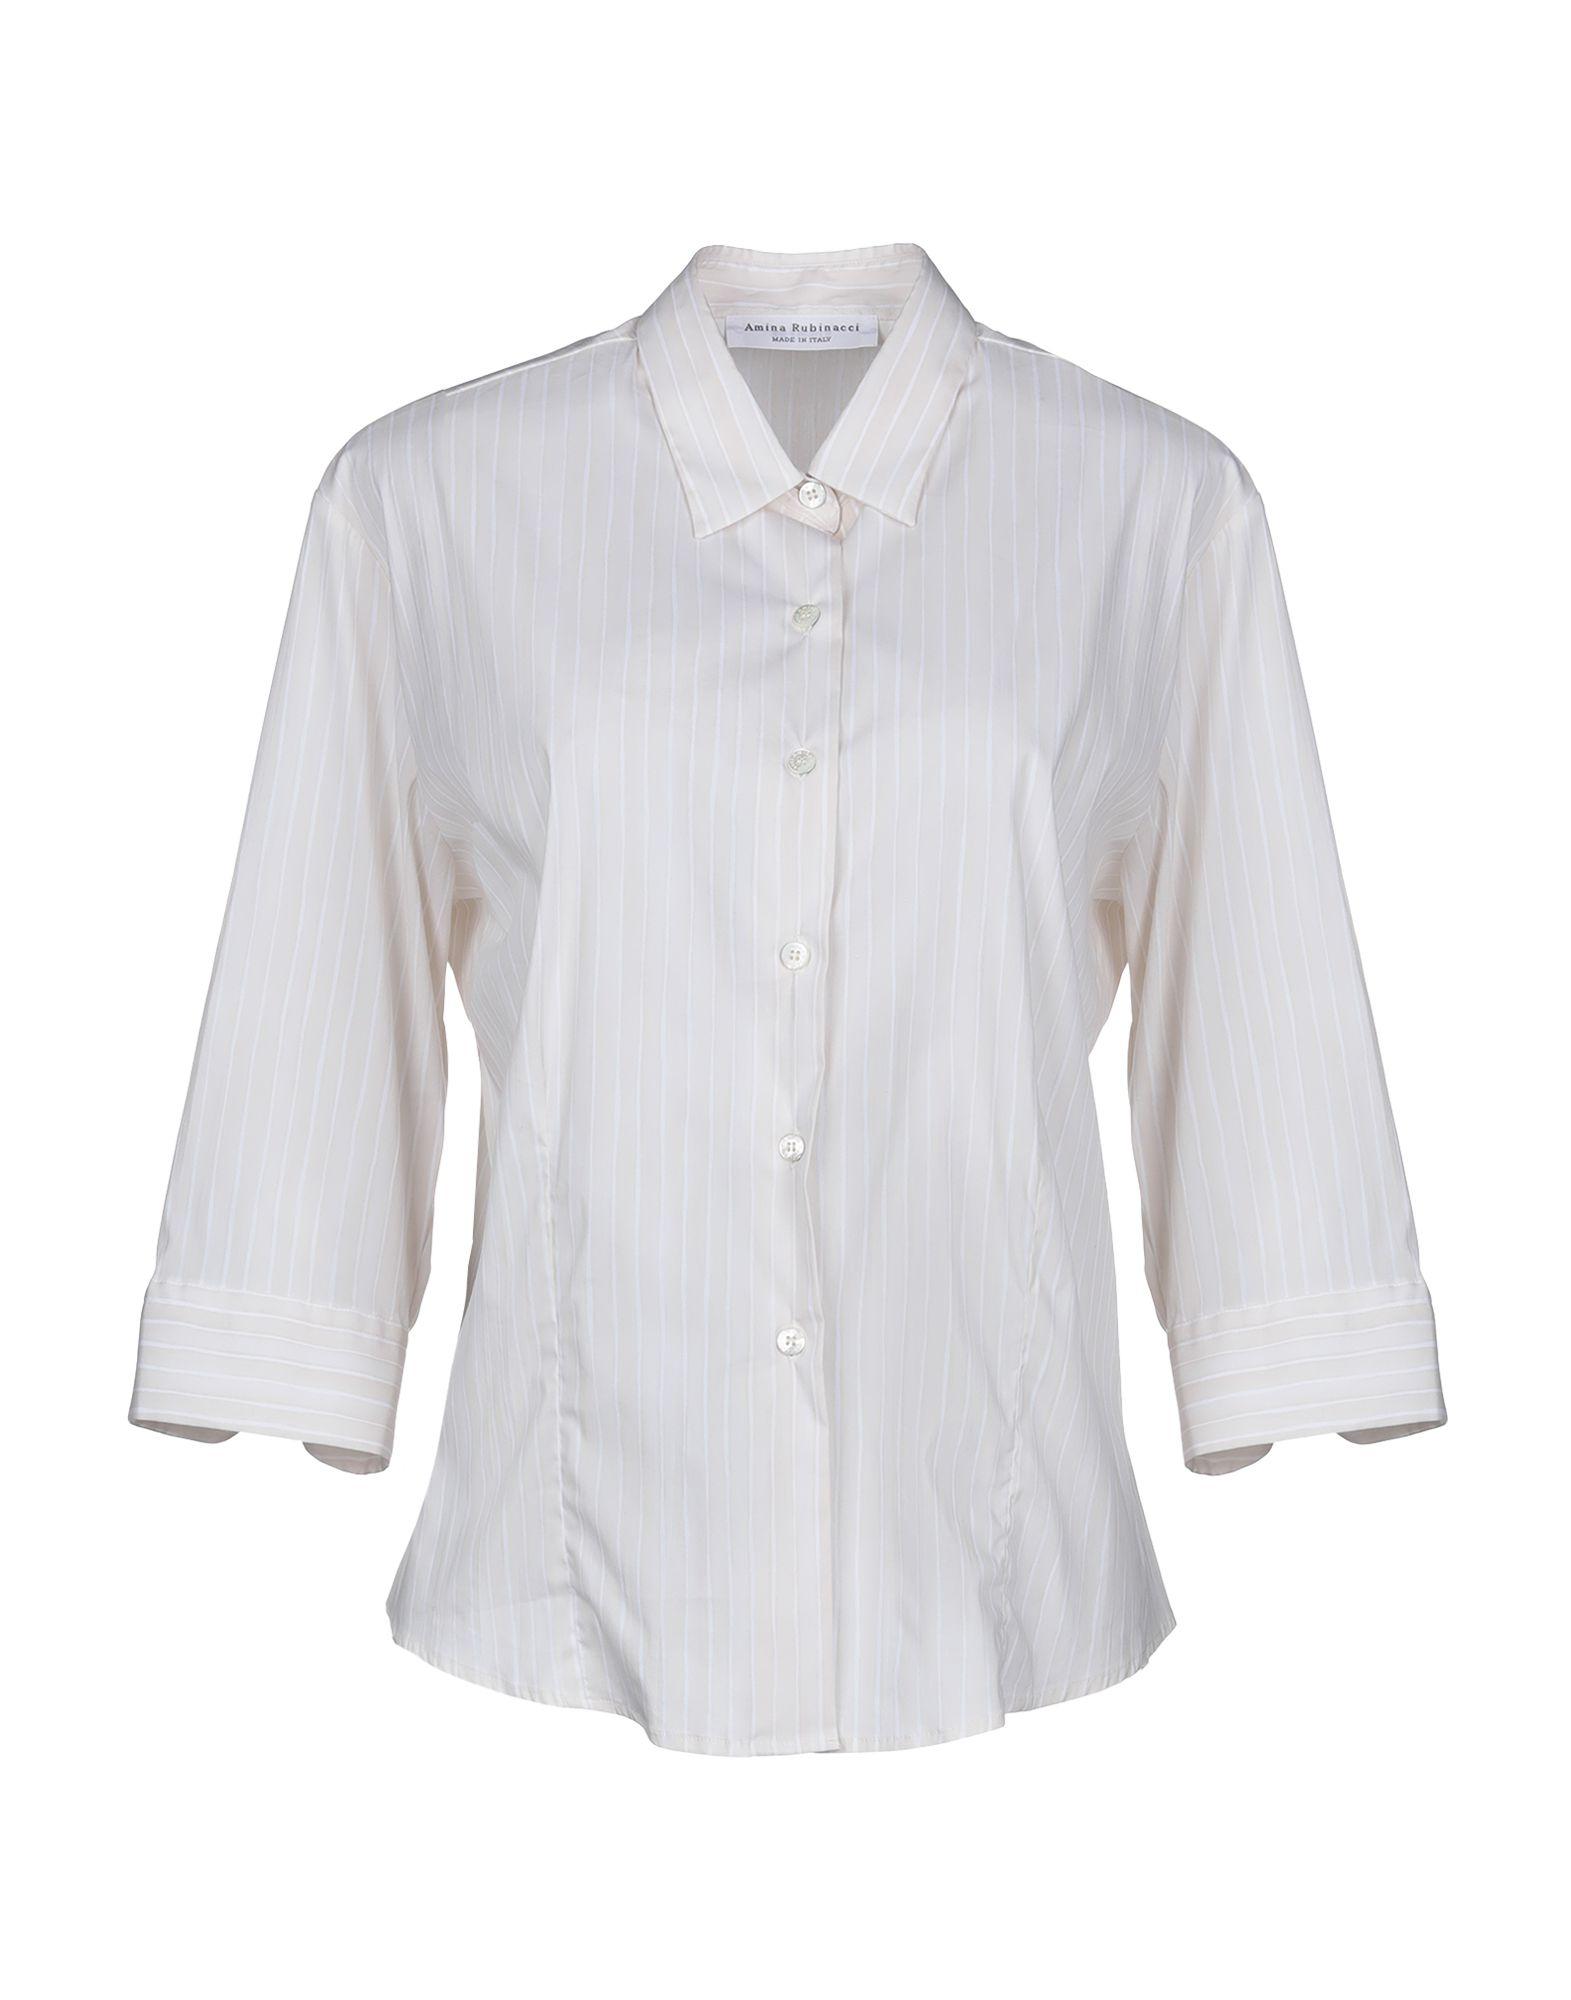 AMINA RUBINACCI Pубашка цена